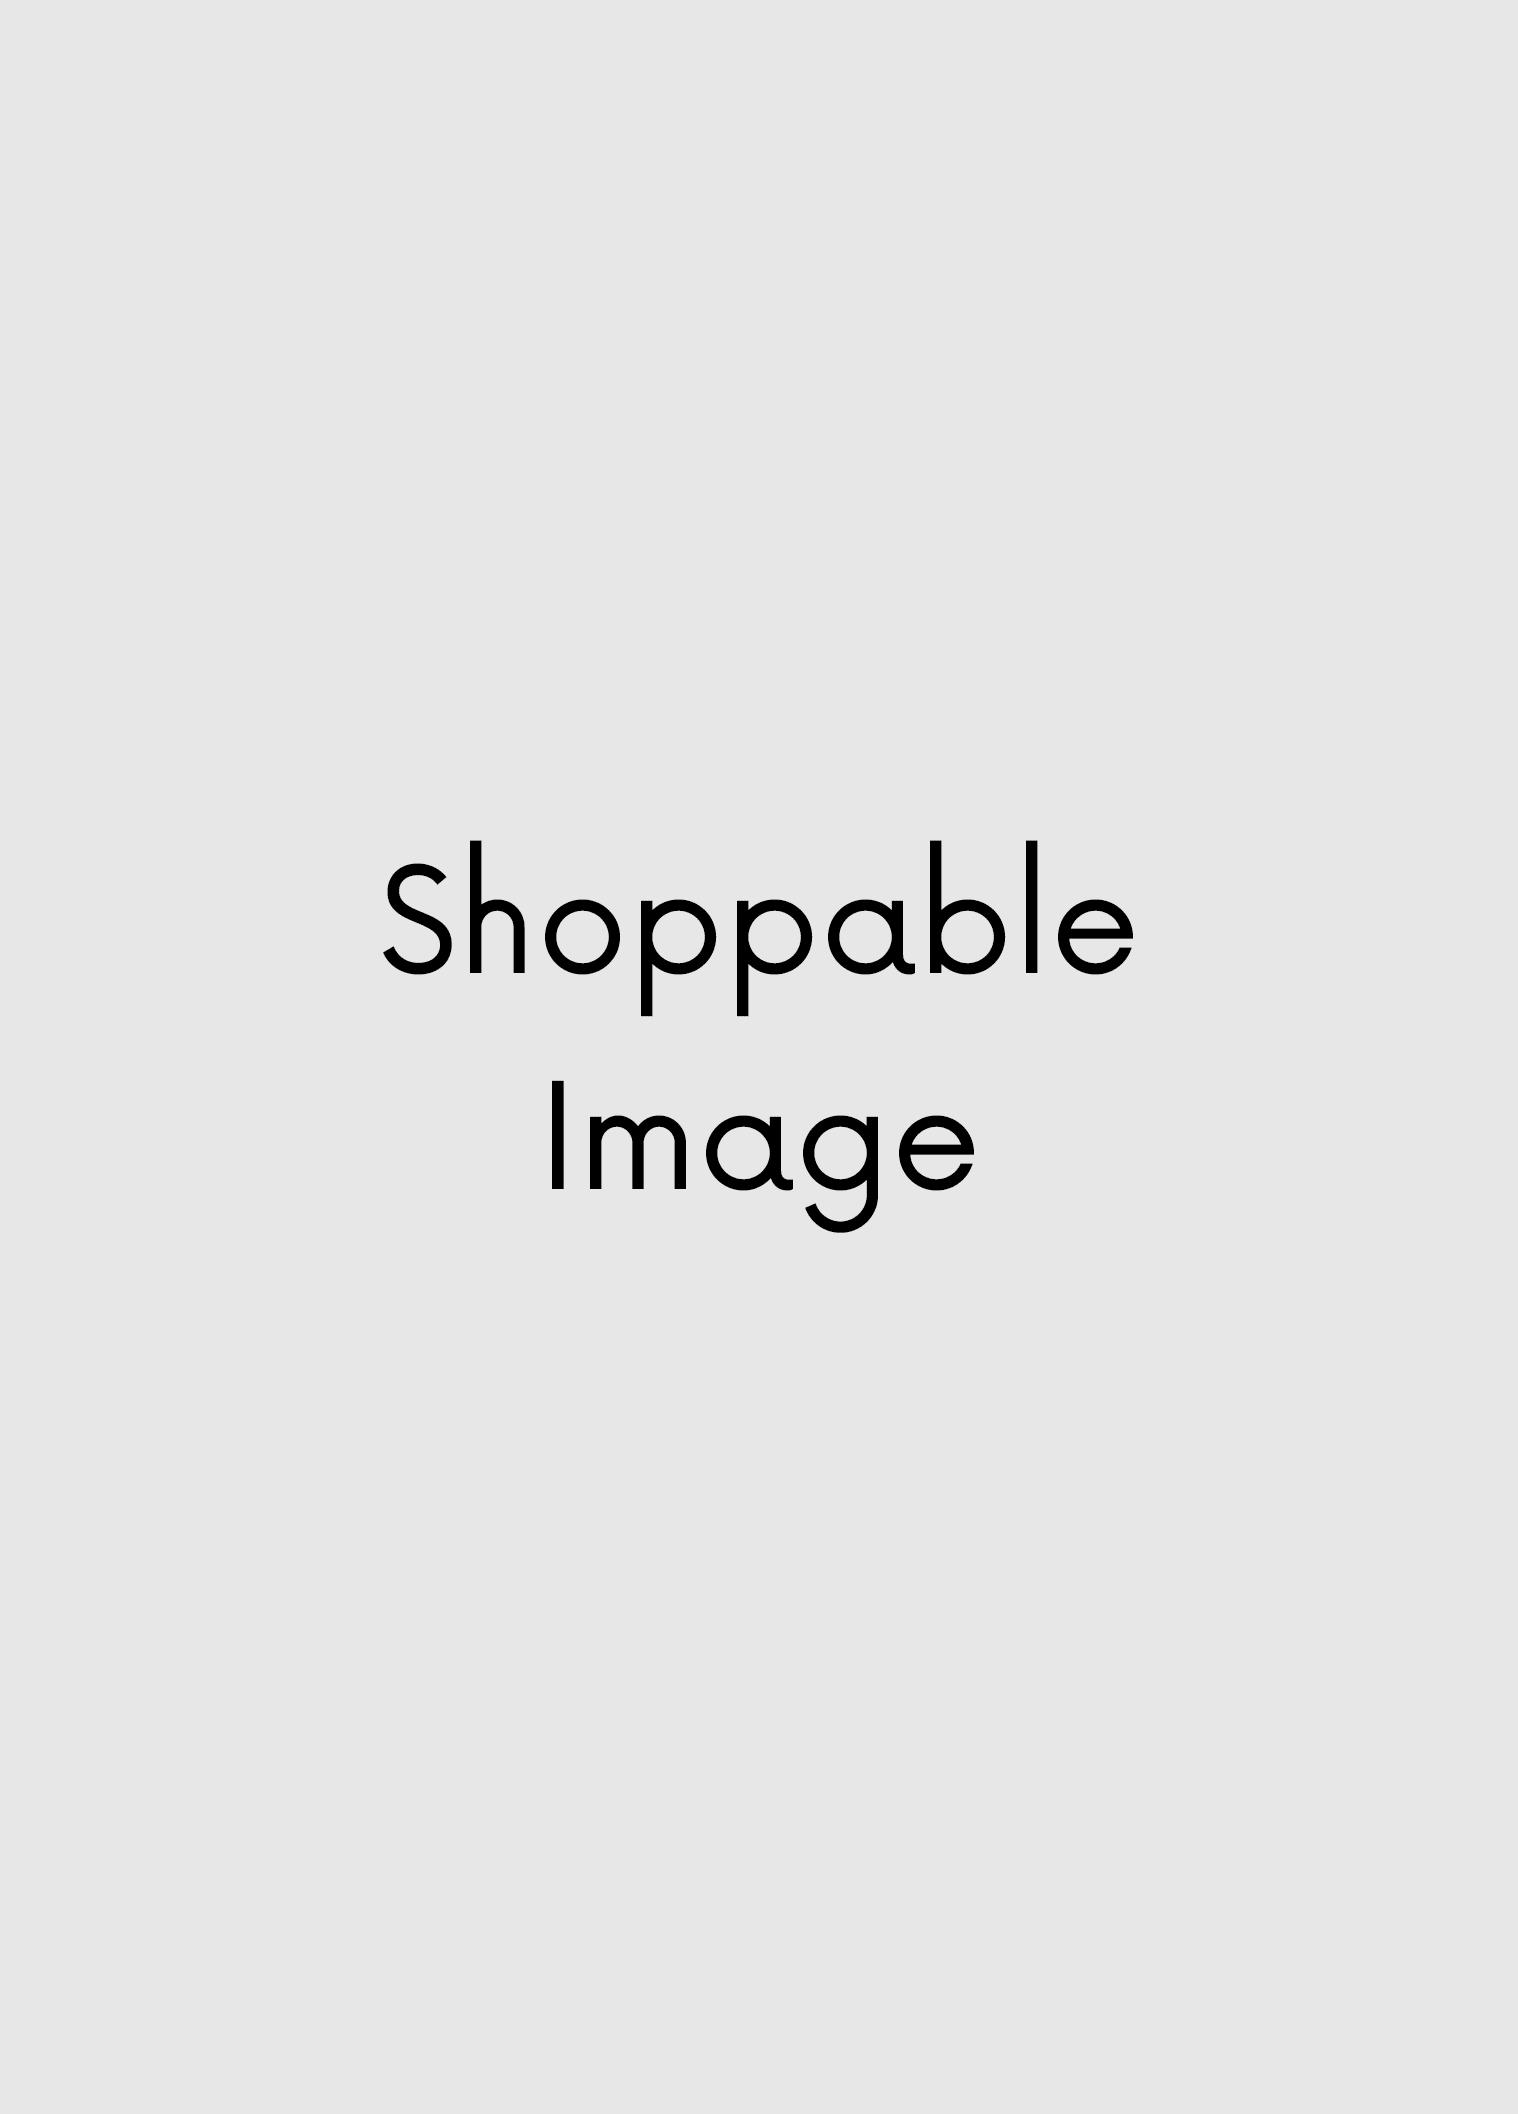 dummy shoppable image